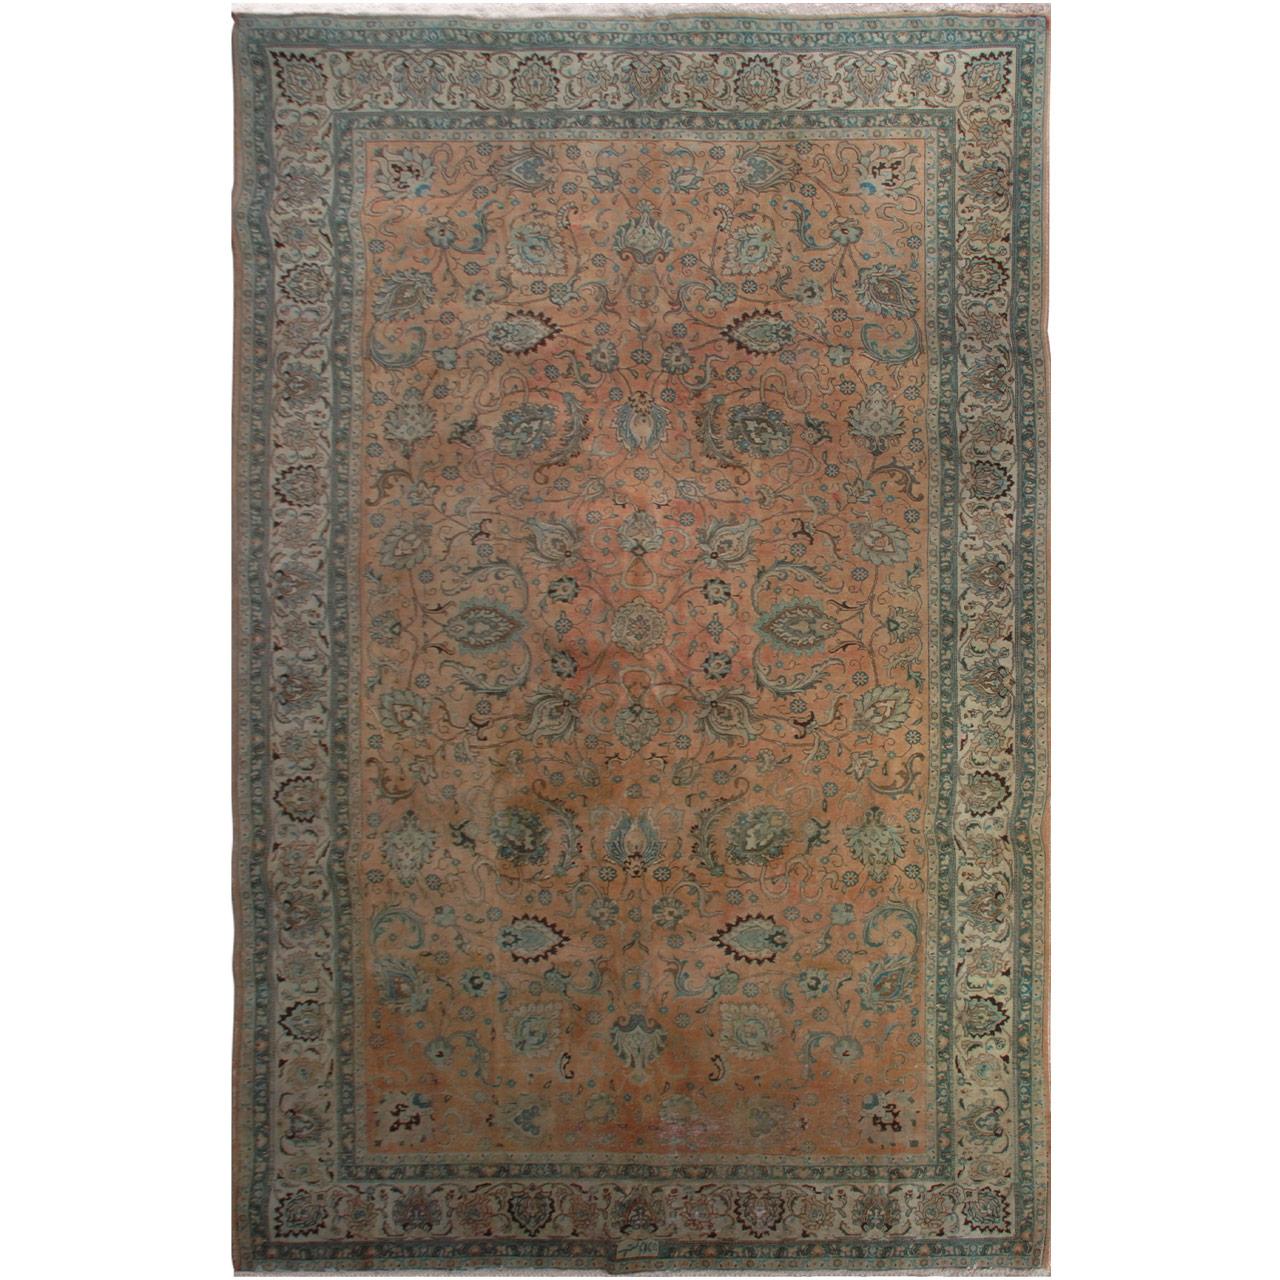 فرش دستبافت رنگ شده پانزده و نیم متری فرش هریس کد 101486